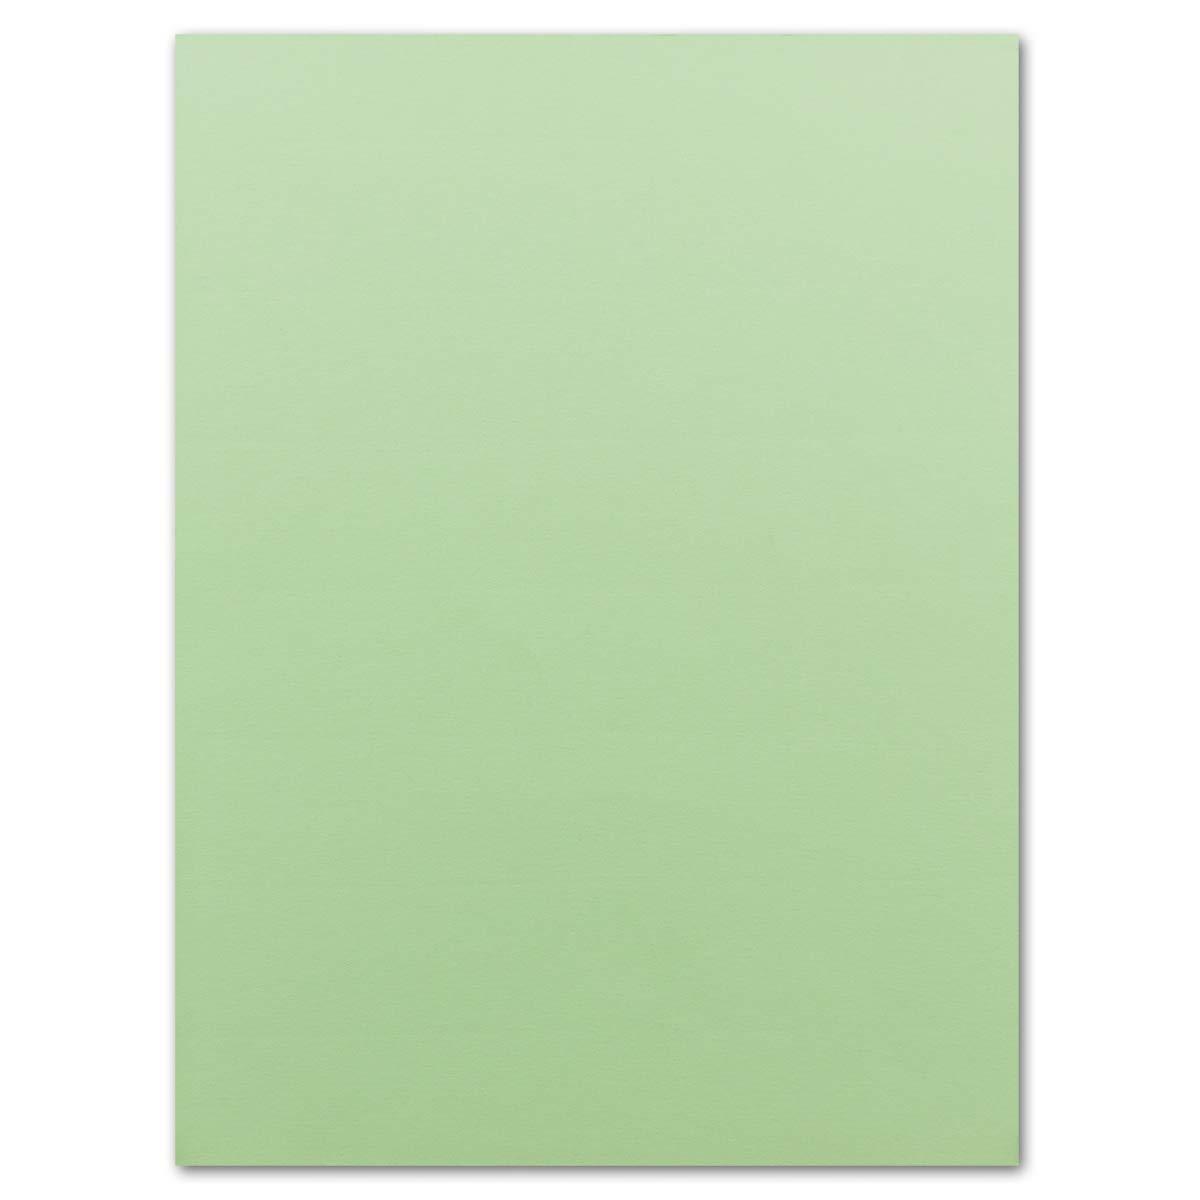 Ton-Karton Fogli di carta formato DIN A4 160 g//m2 50 Bogen verde chiaro